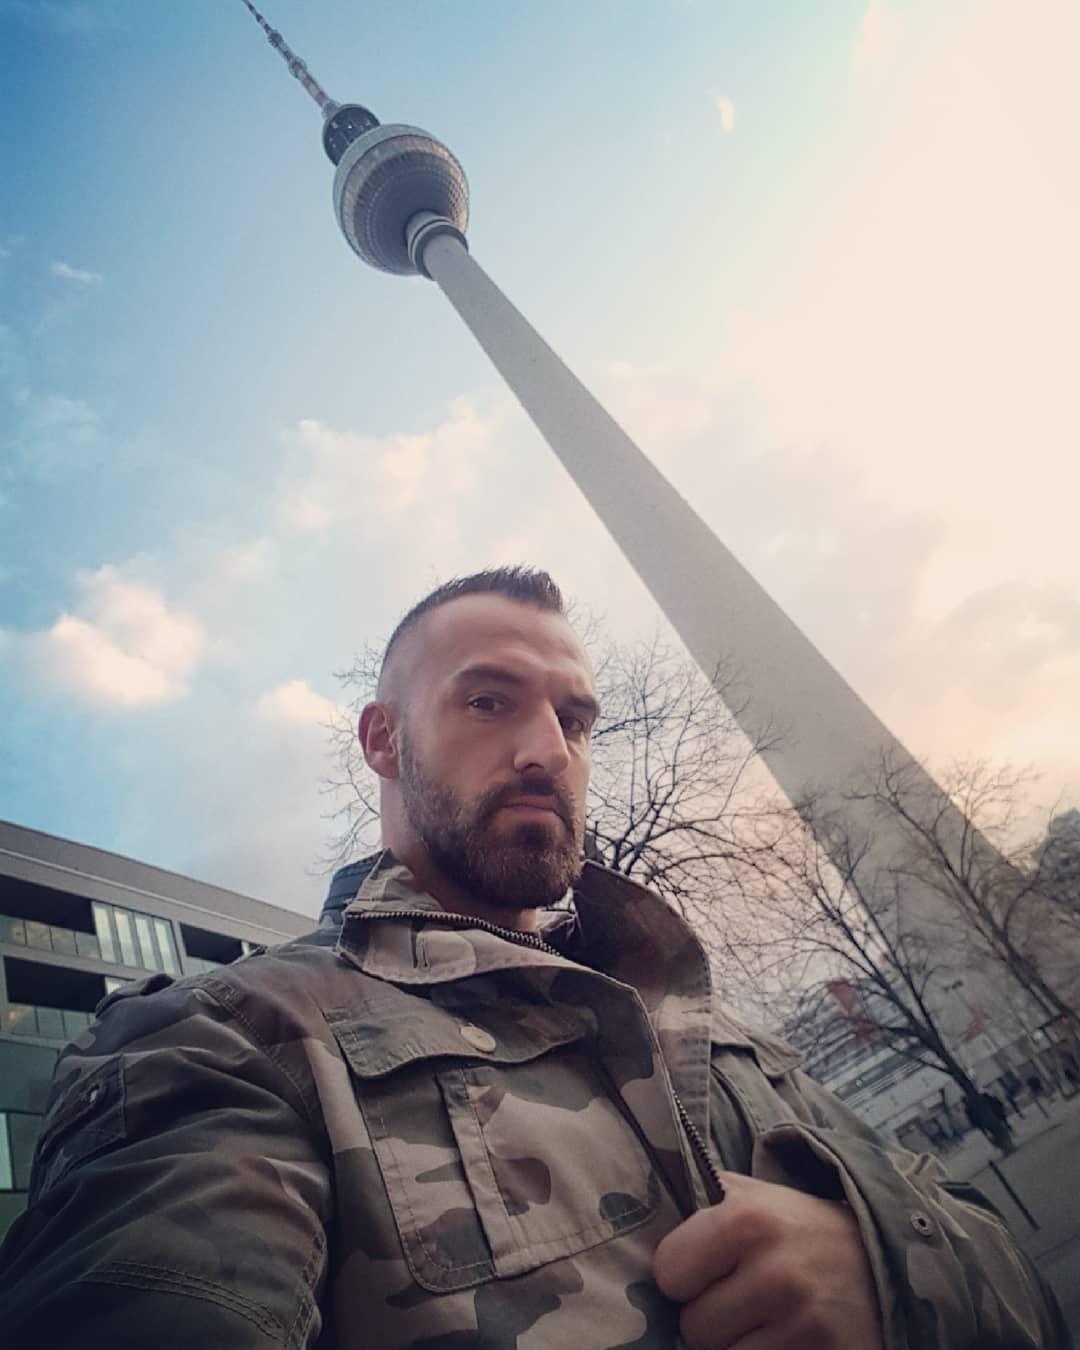 So Berlin Tag & Nacht ist abgedreht… also erstmal am Alexanderplatz was trinken gehen und chillen… und bei euch so? ✌🏻 . #berlin #berliner #alex #alexanderplatz #mitte #fernsehturm #thursday #potd #sky #clouds #porno #bangboss #camouflage #btn #berlintagundnacht #rtl2